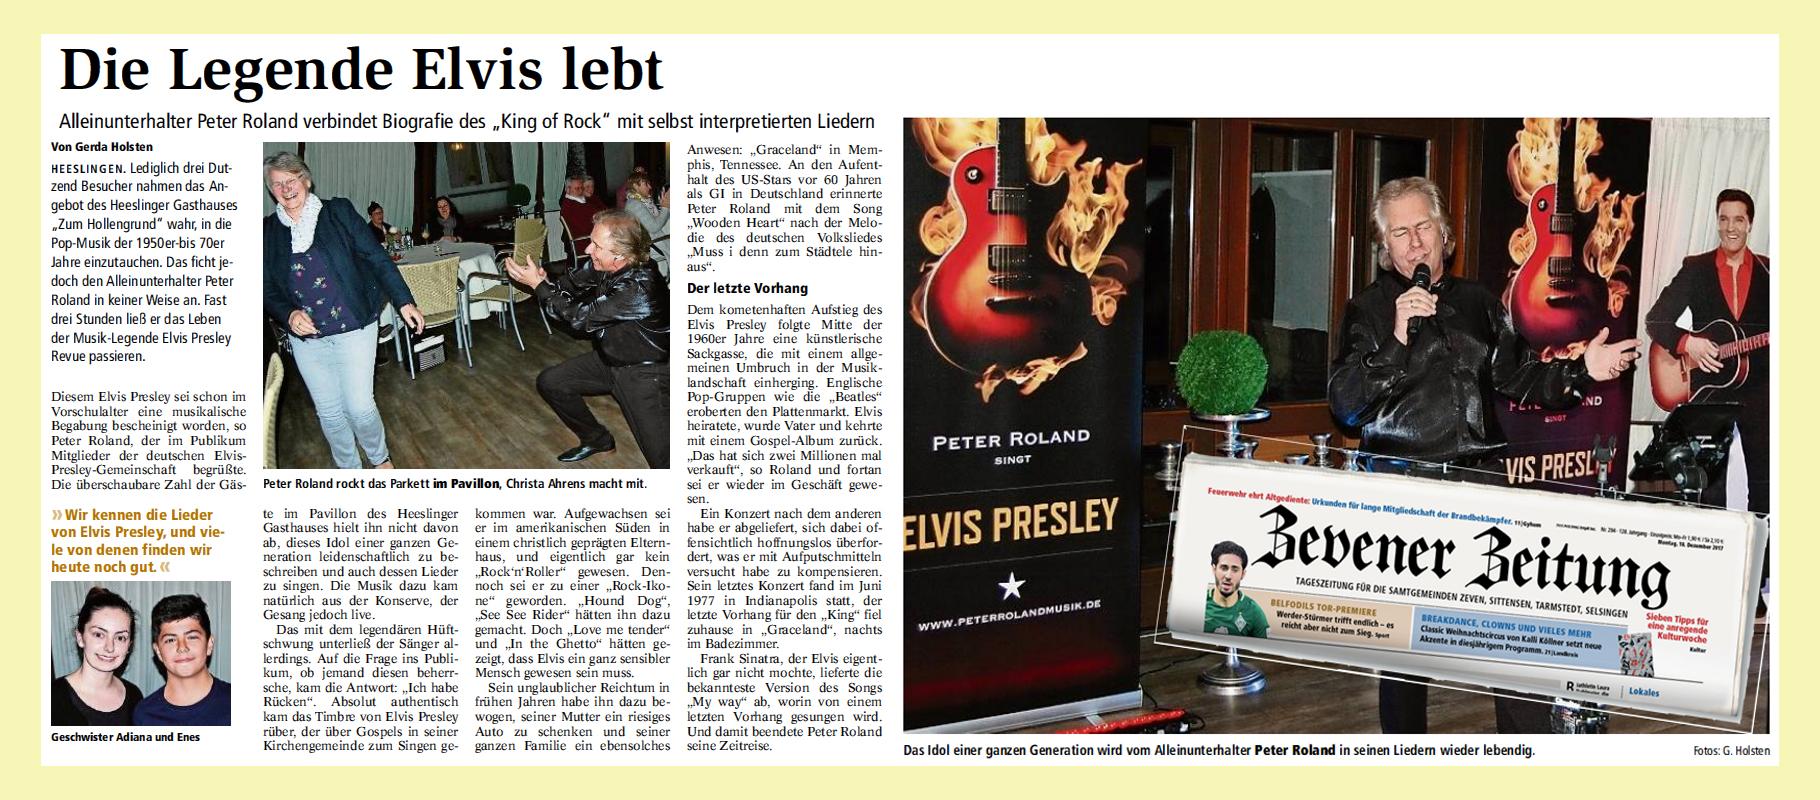 Artikel Zevener Zeitung 2018-11-05